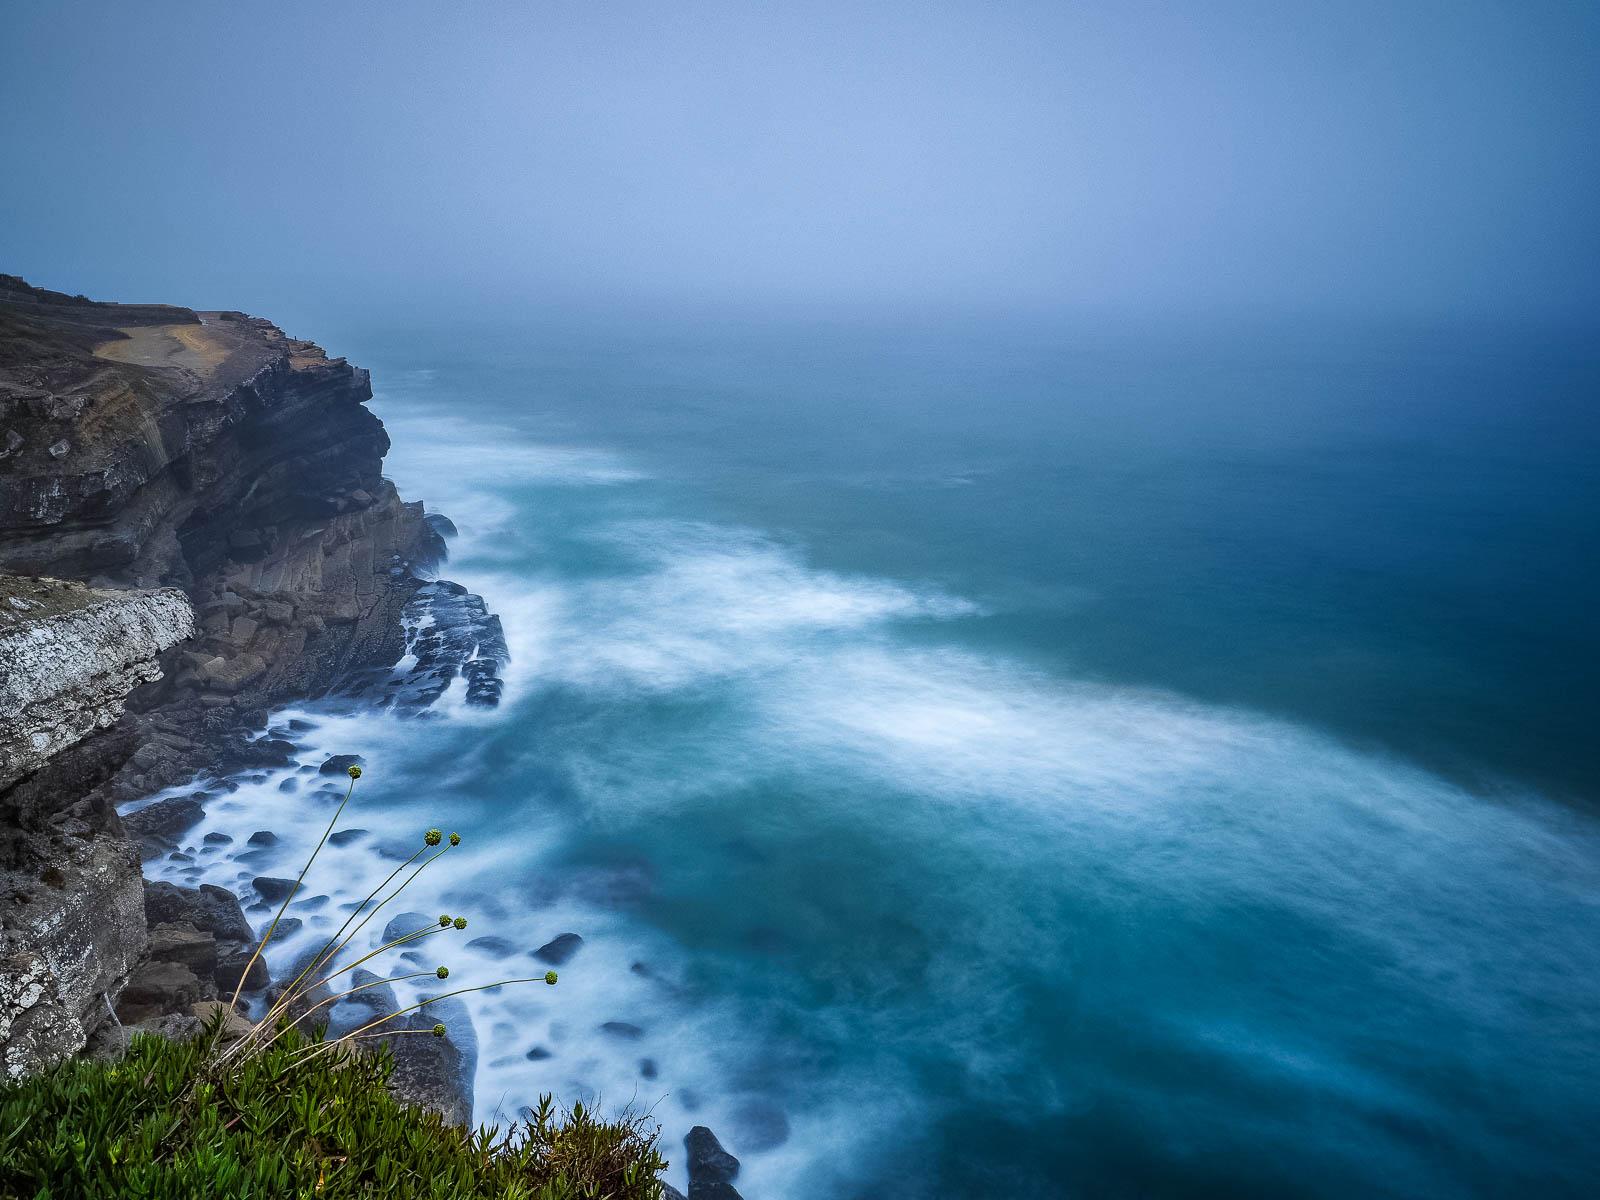 bei Azenhas do Mar, Portugal